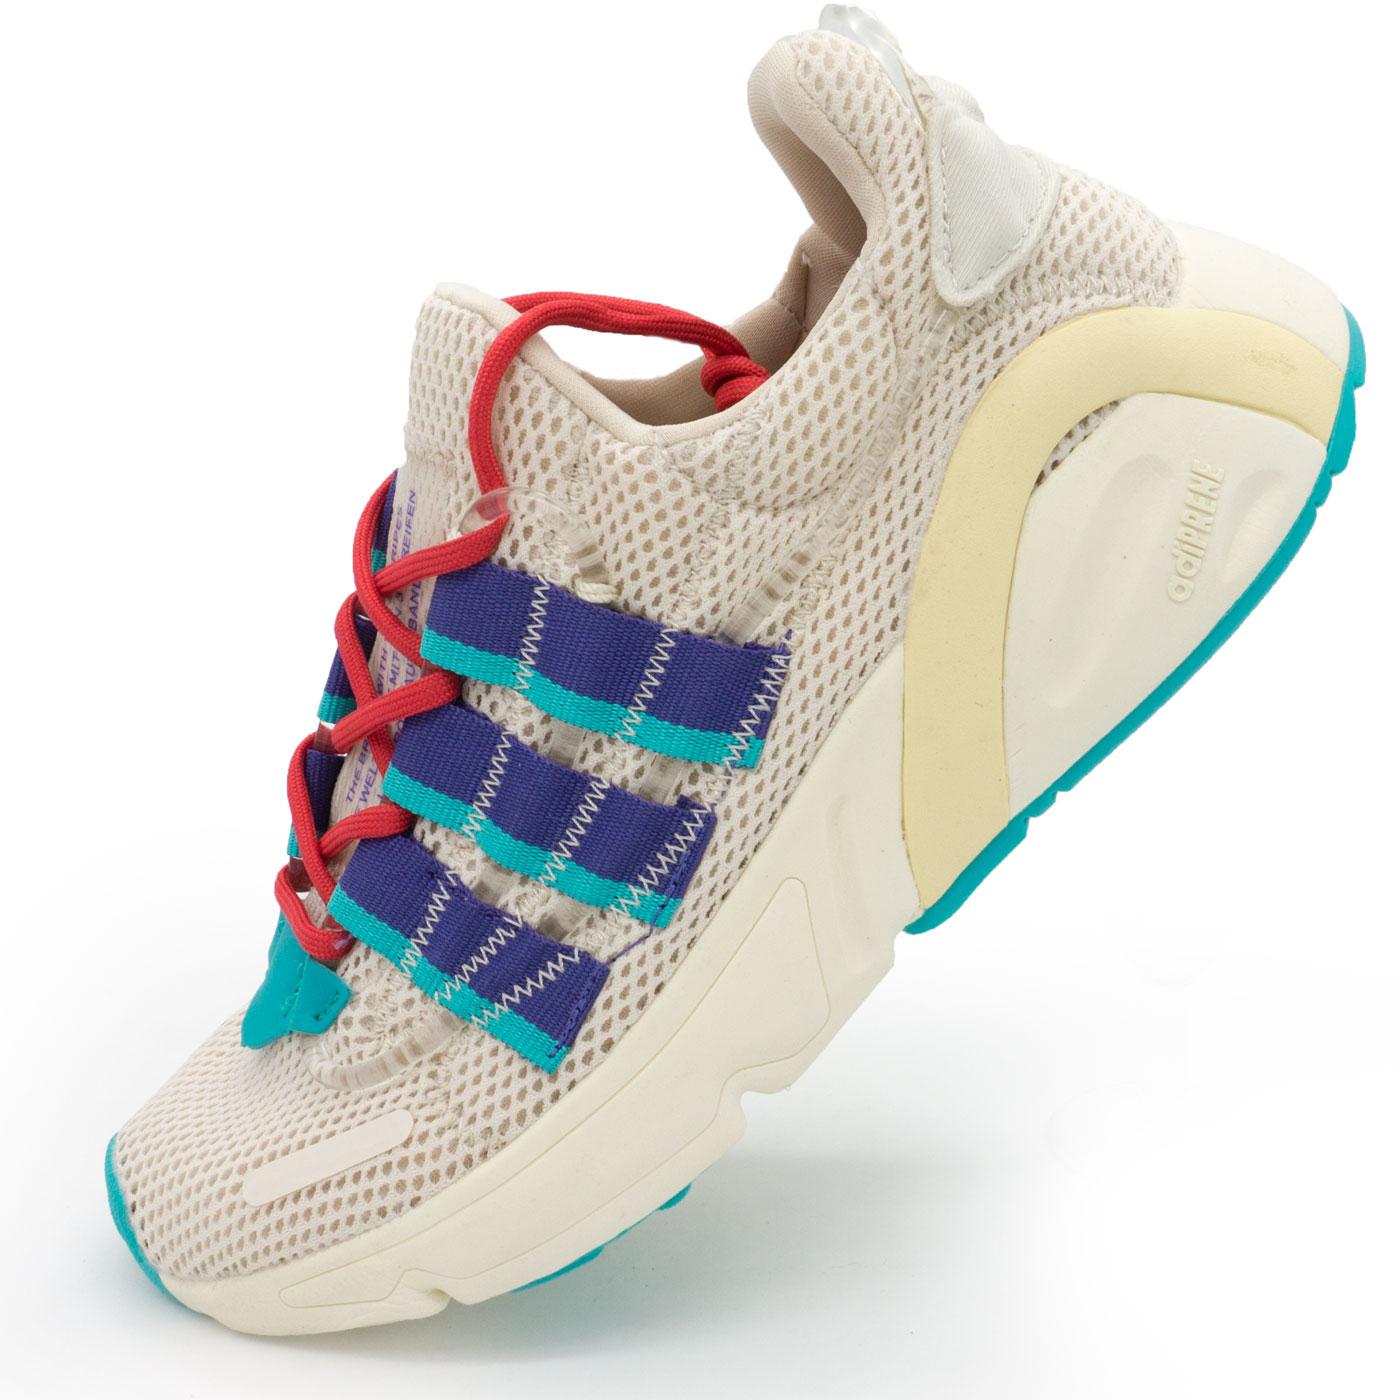 фото main Женские кроссовки Adidas Lxcon (Лексикон) серые. Топ качество! main